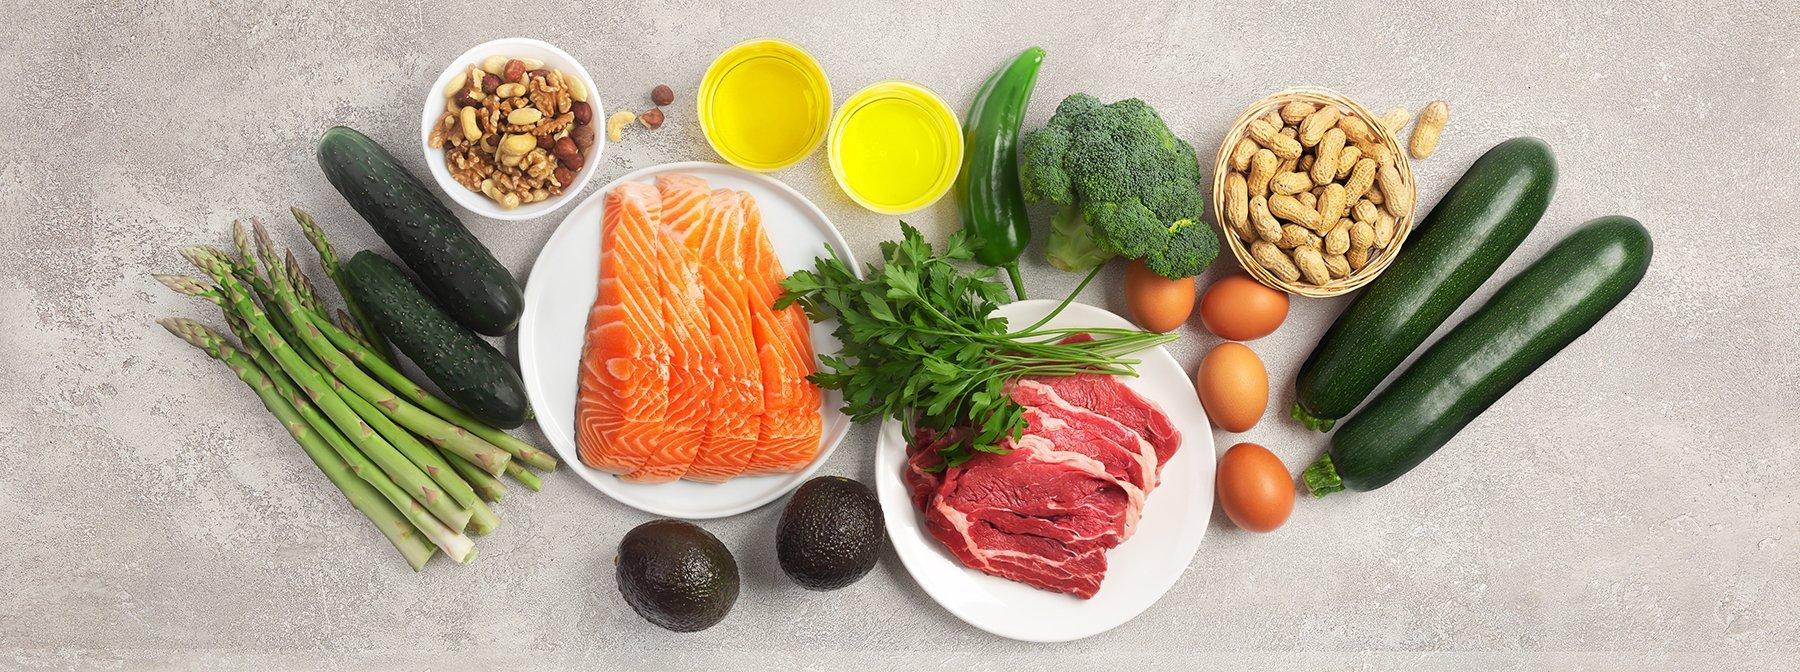 Které potraviny můžete jíst na keto dietě?